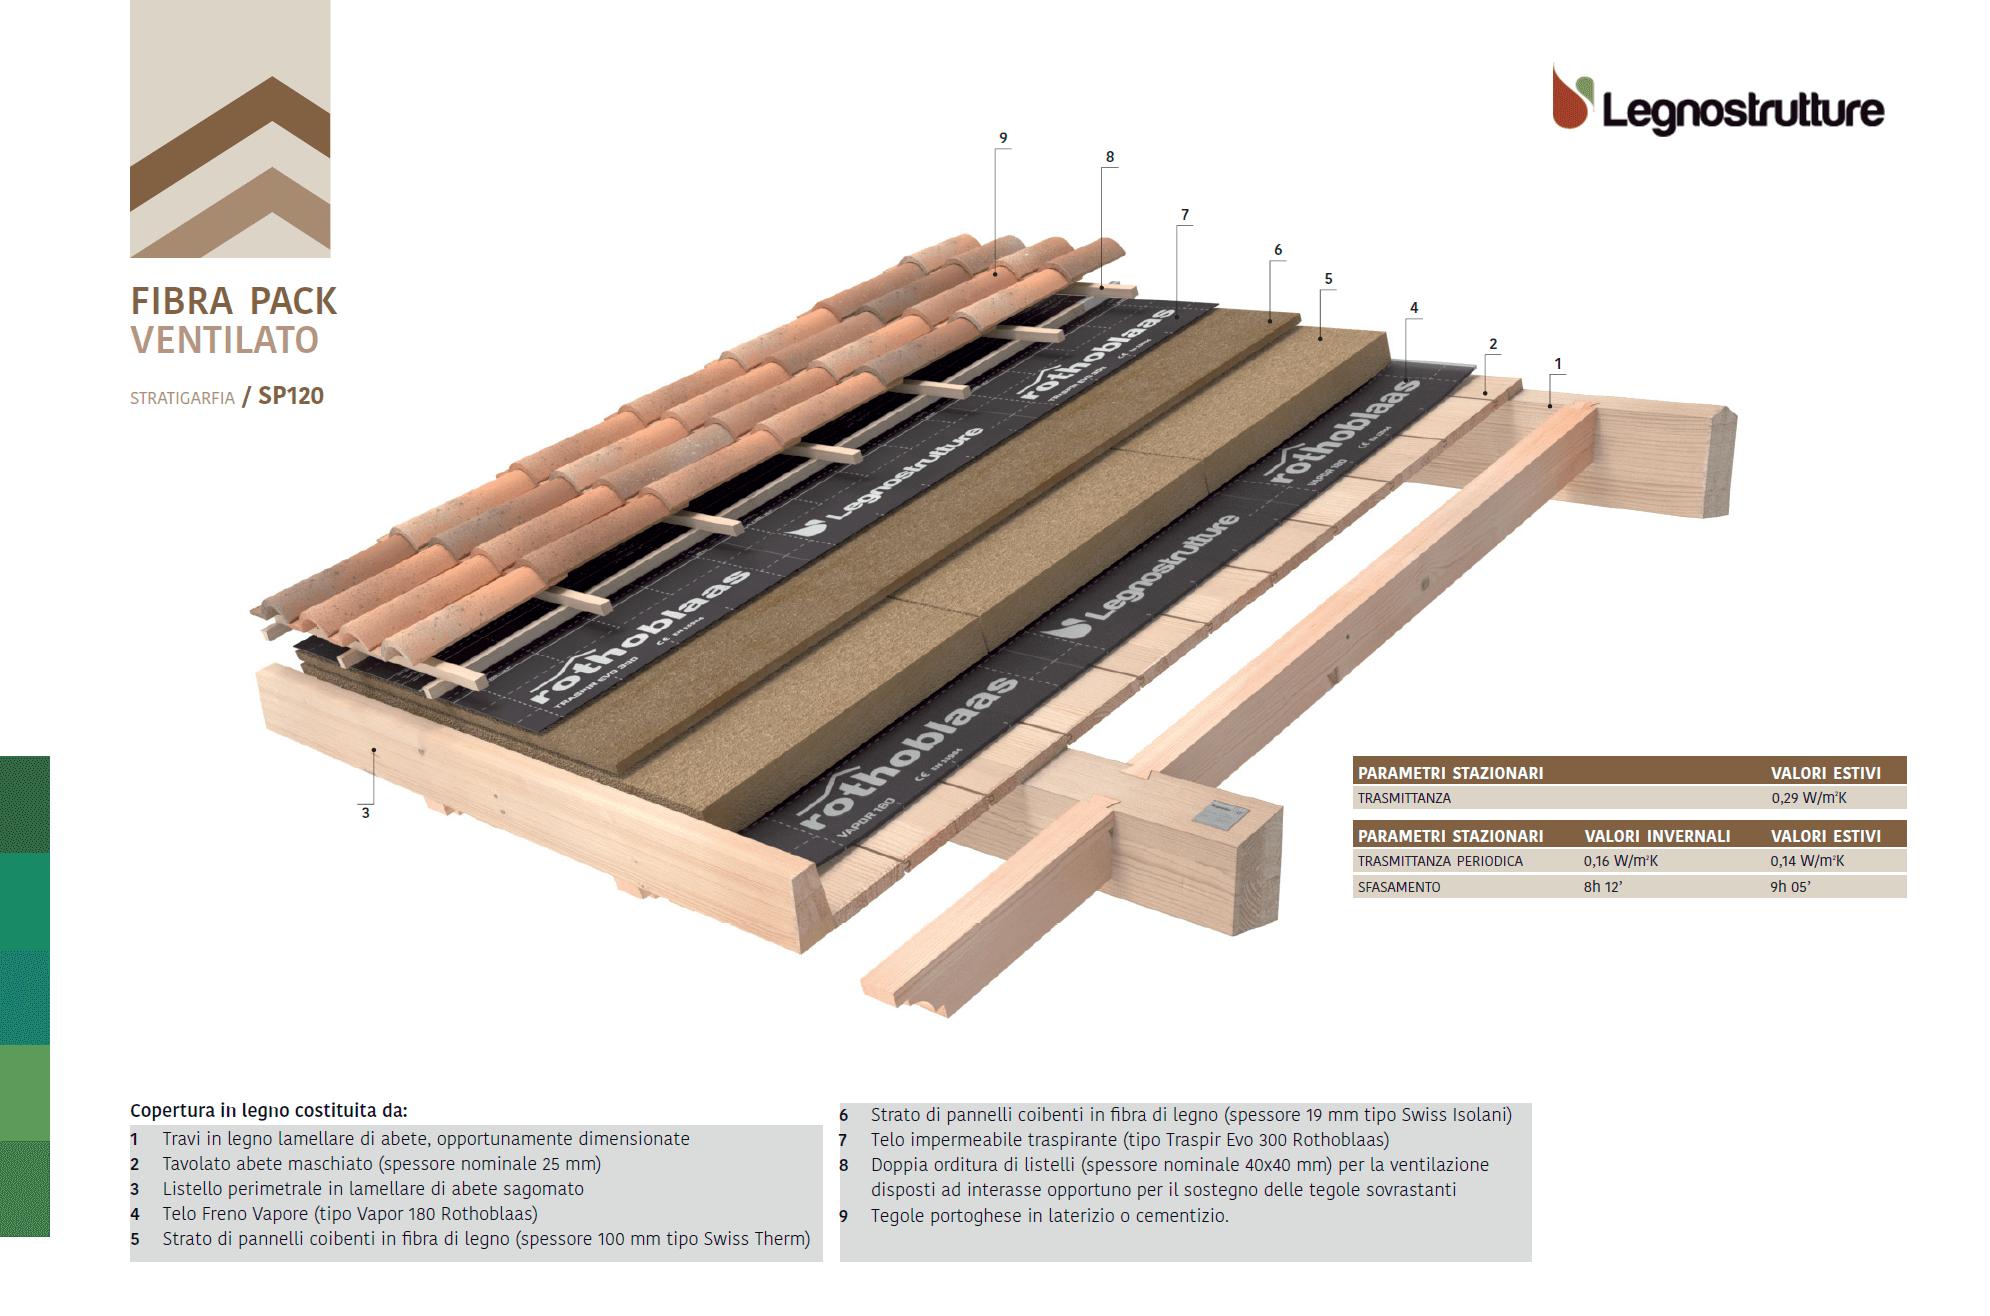 Stratigrafia tetto in legno fibra pack ventilato